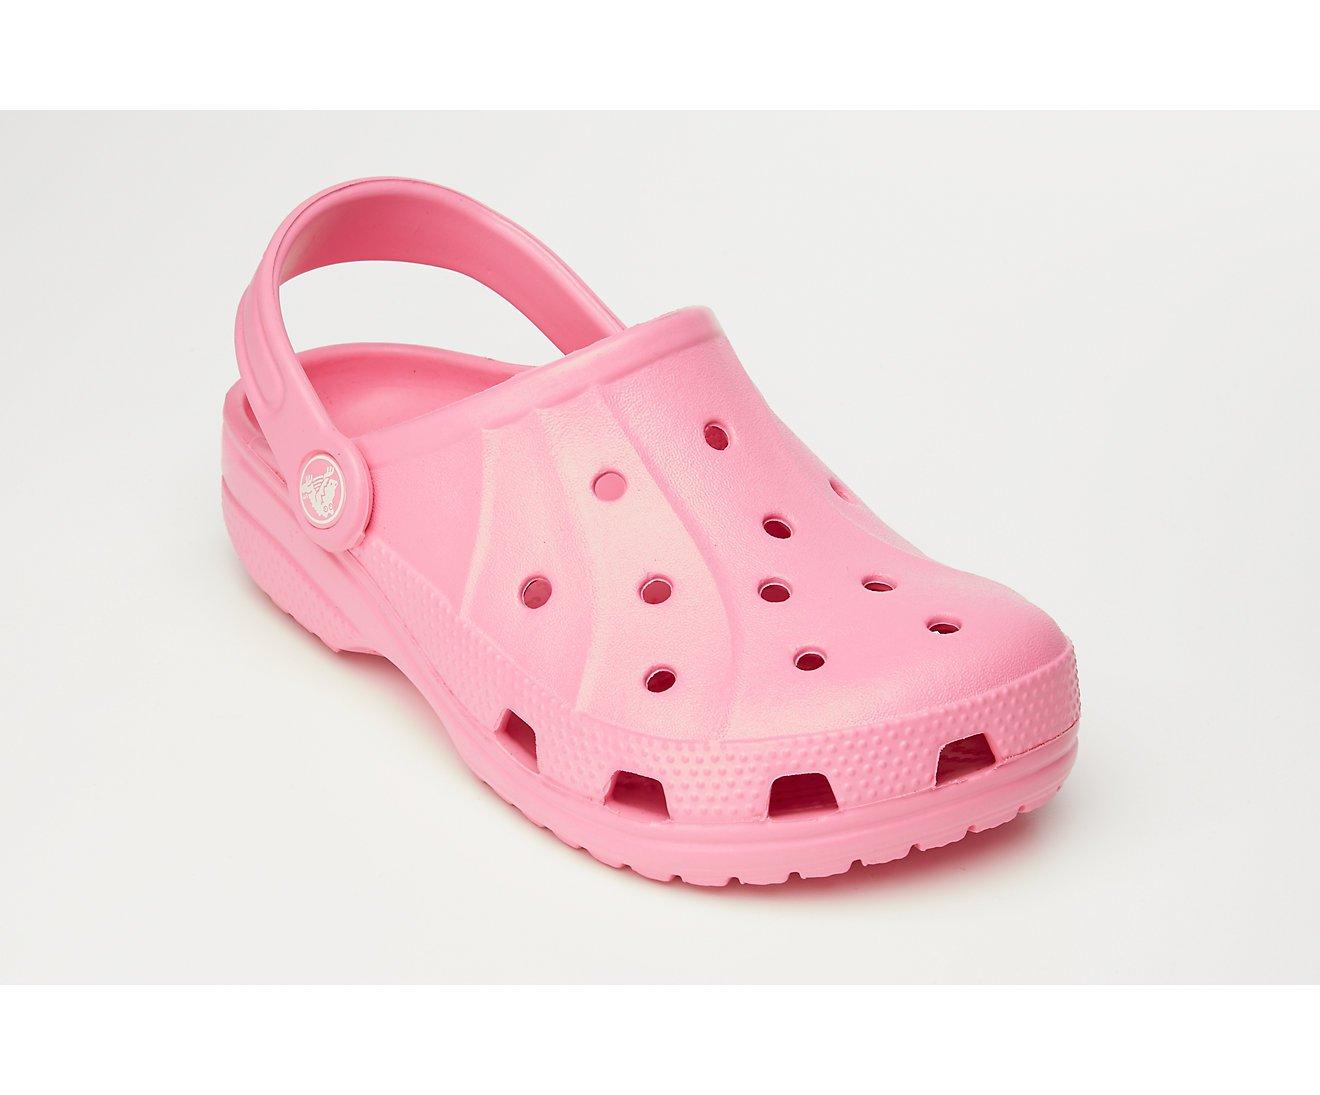 Crocs Kids Ralen Clog, Size: 6-7 M US Toddler, Color Pink Lemonade